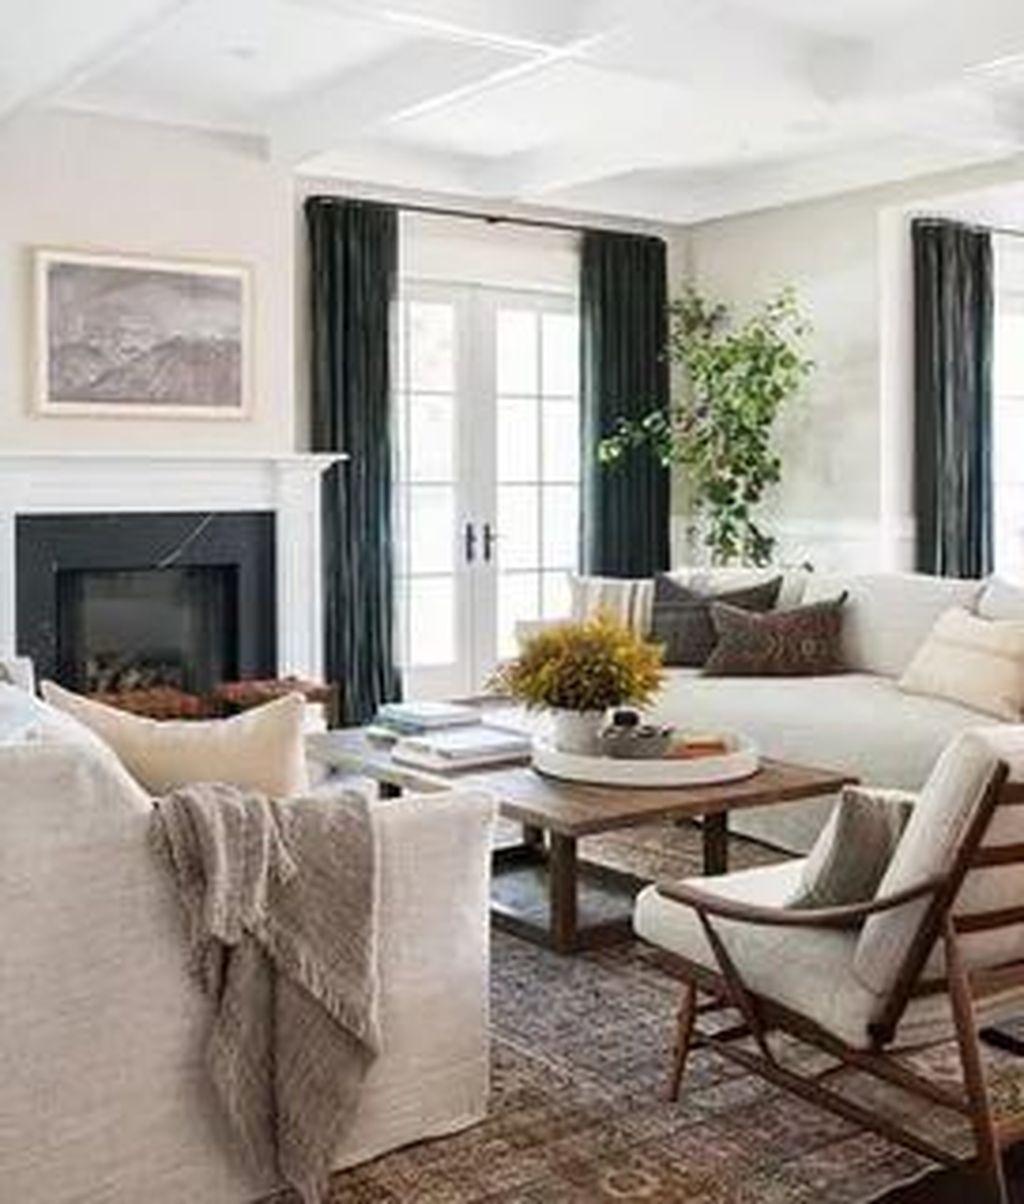 Amazing Contemporary Living Room Design Ideas You Should Copy 20